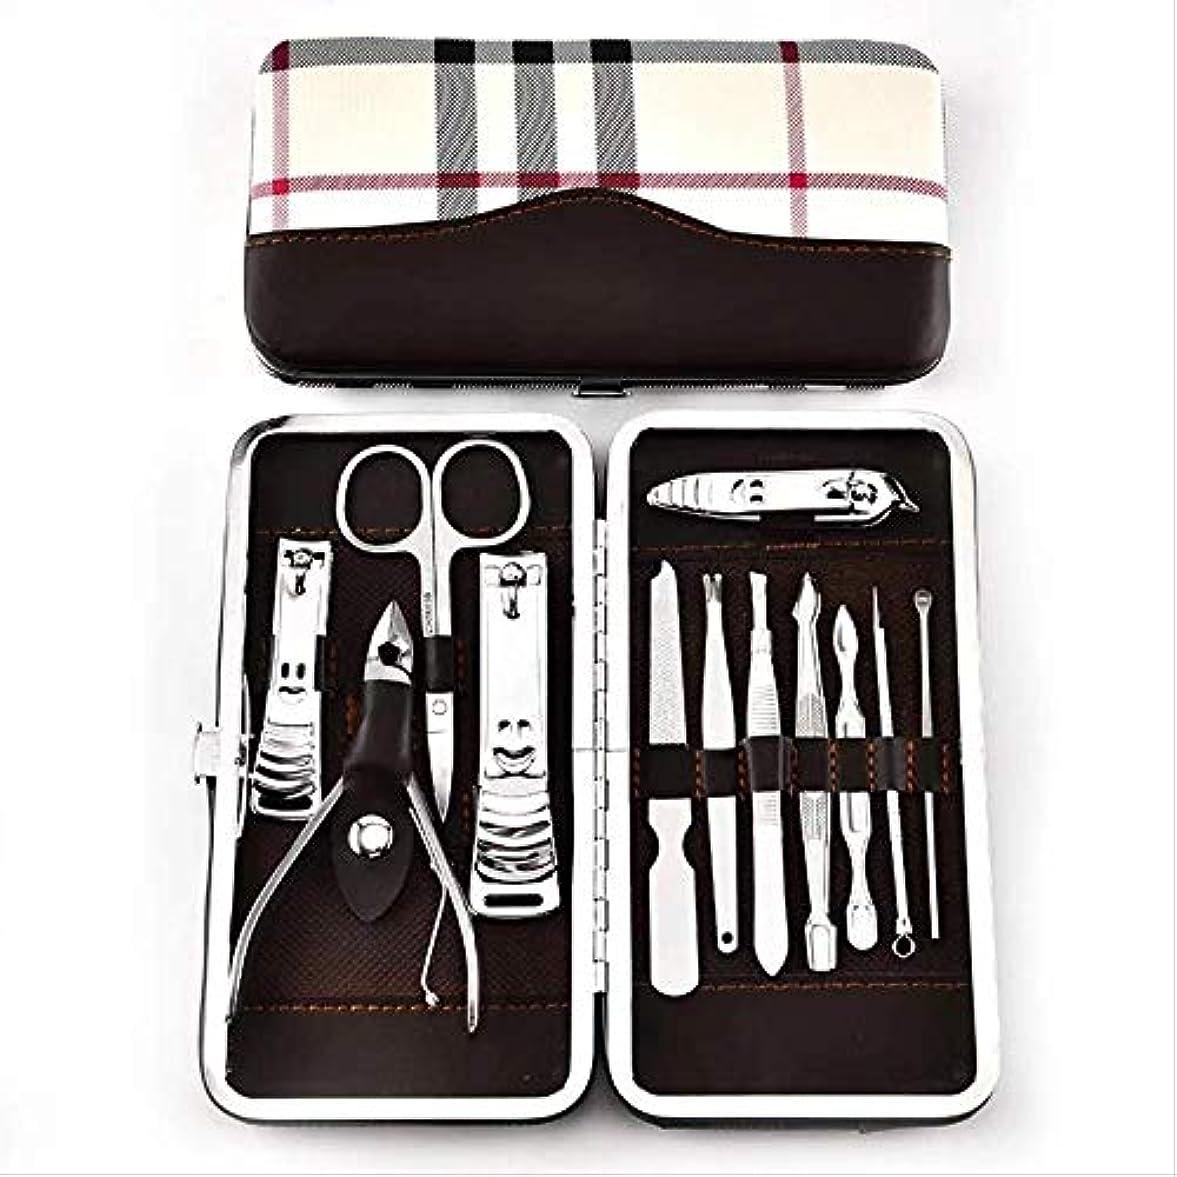 私たちの揮発性特徴爪切りセット16ピースペディキュアナイフ美容プライヤー爪ツール 7119